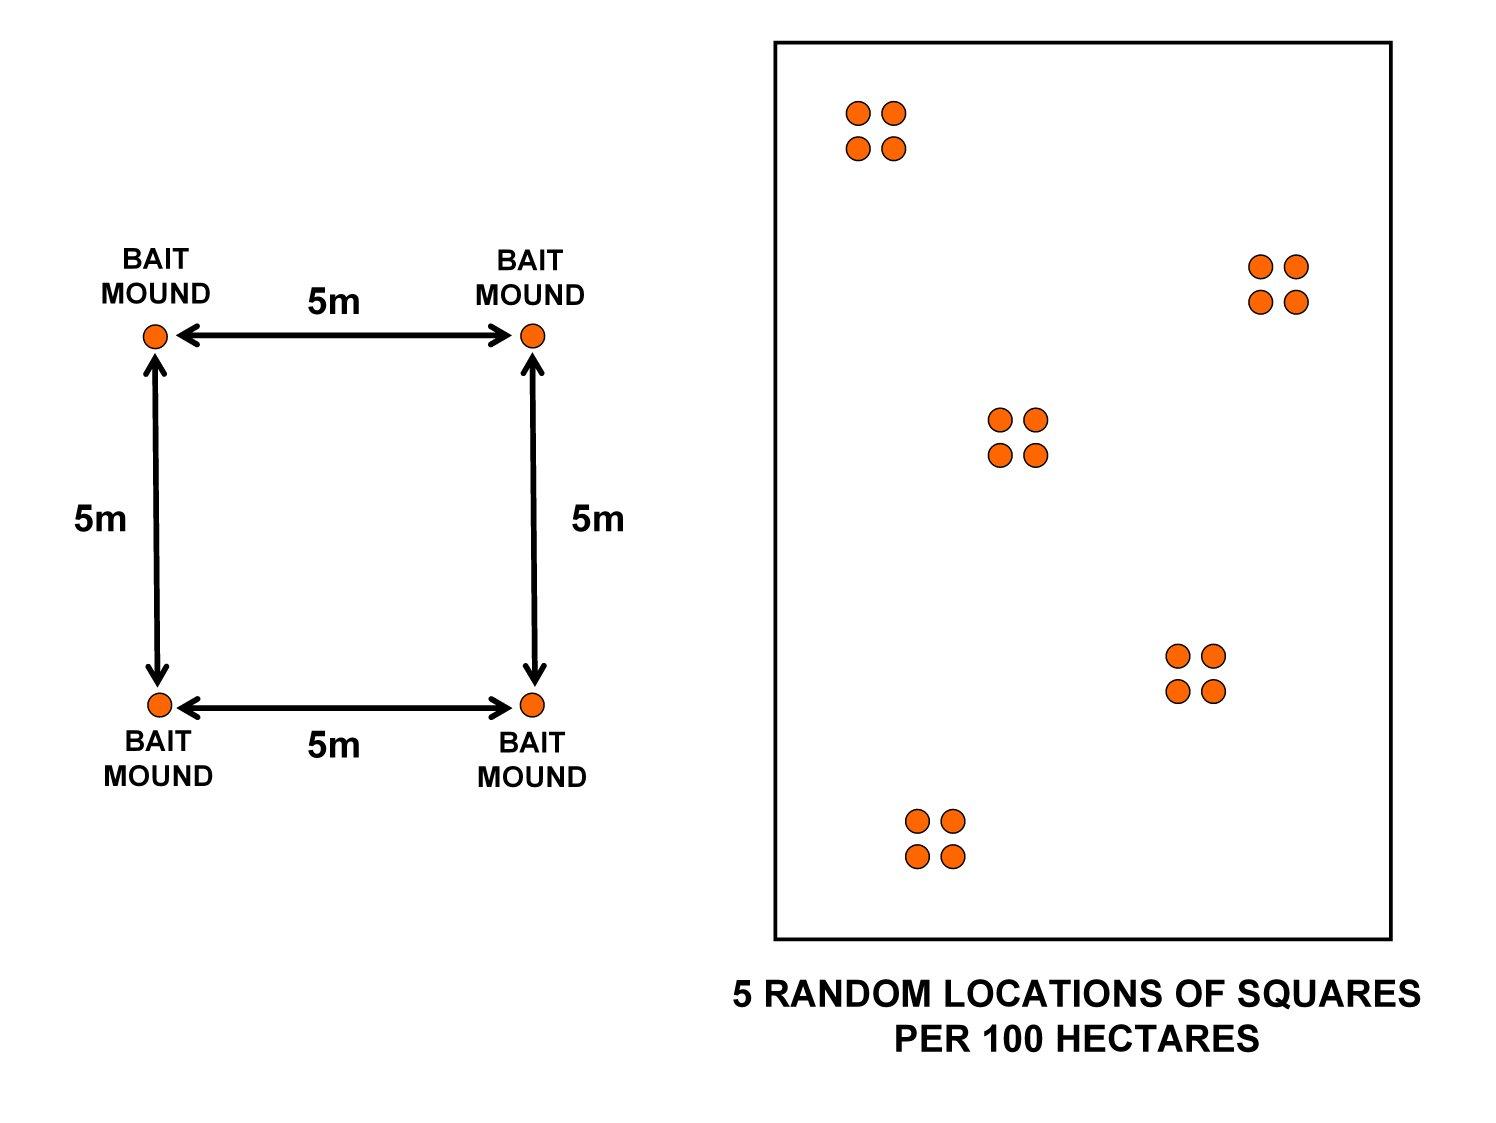 Diagrama de un cuadrado con 5 metros de lados y una estación de cebo en cada esquina.  Esto se repite al azar 5 veces dentro de un campo de 100 hectáreas.